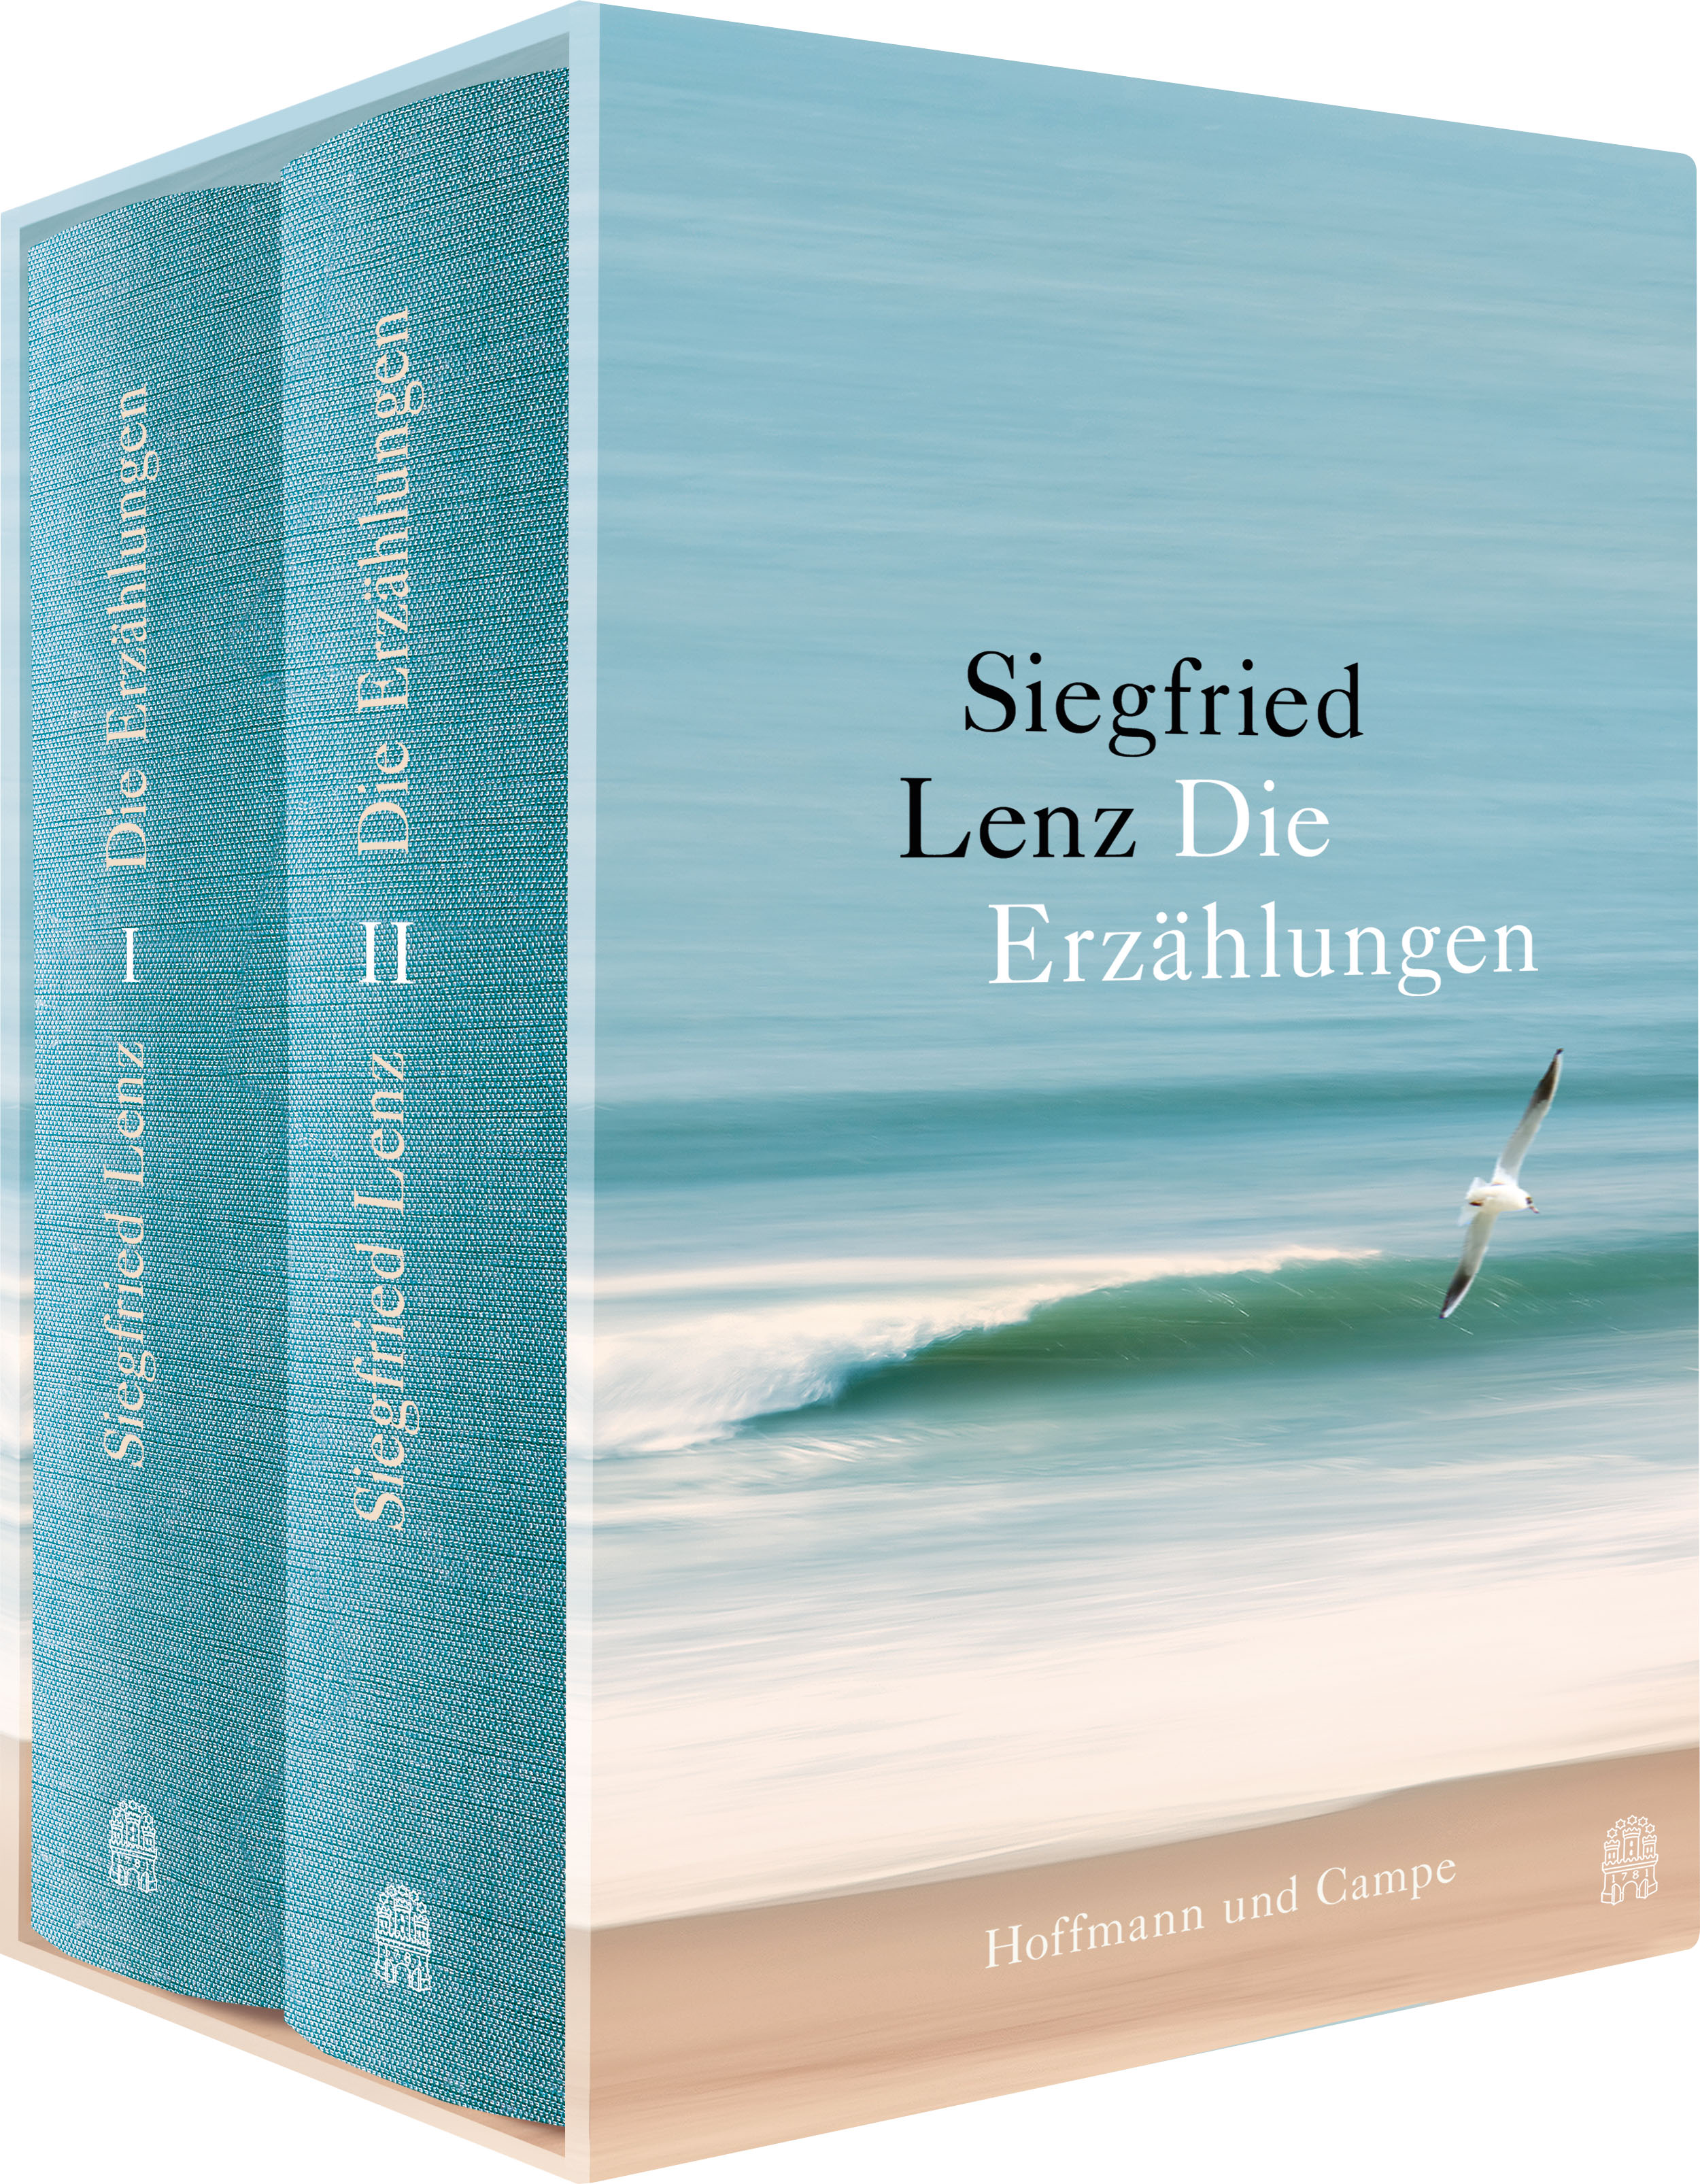 Hoffmann & Campe. 1.540 Seiten. 50,- Euro.